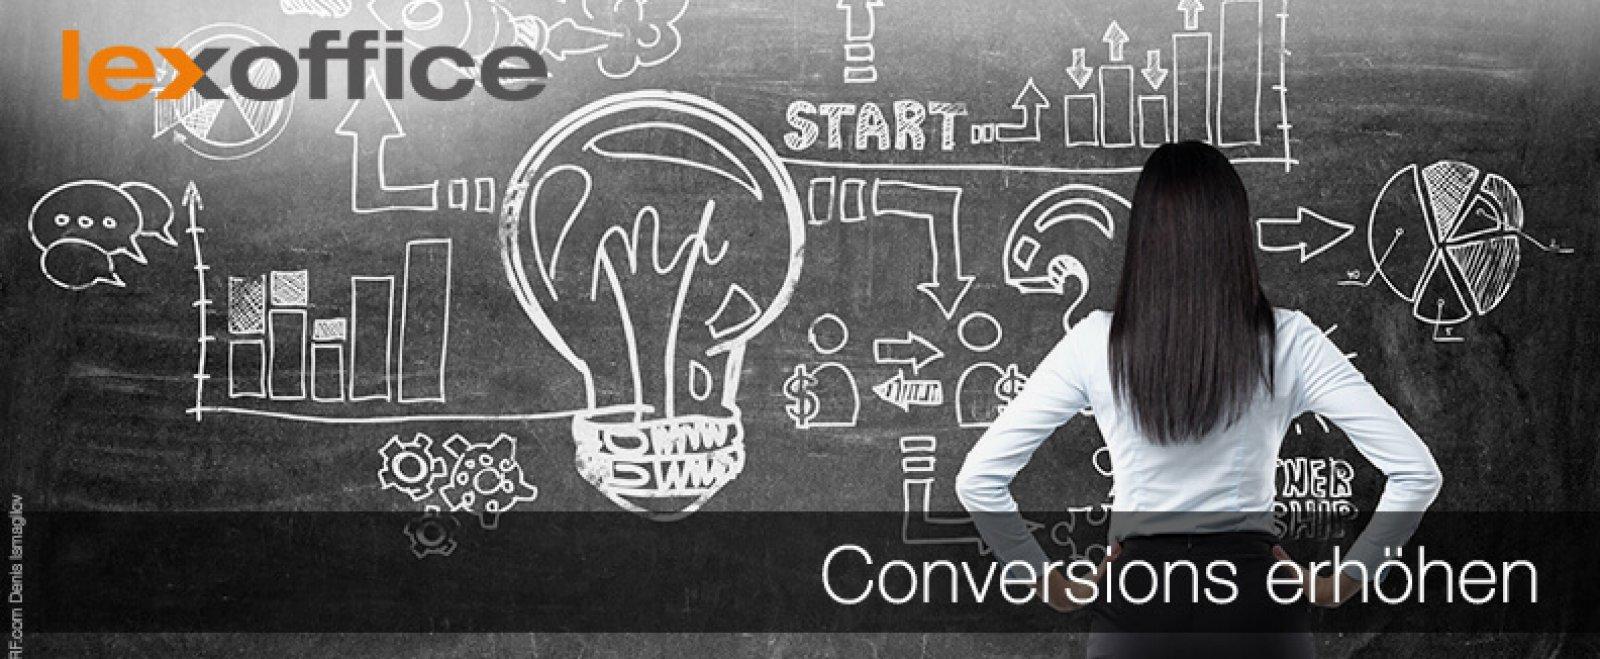 Abbruchraten im Shop: Conversions erhöhen - Tipps im lexoffice Blog